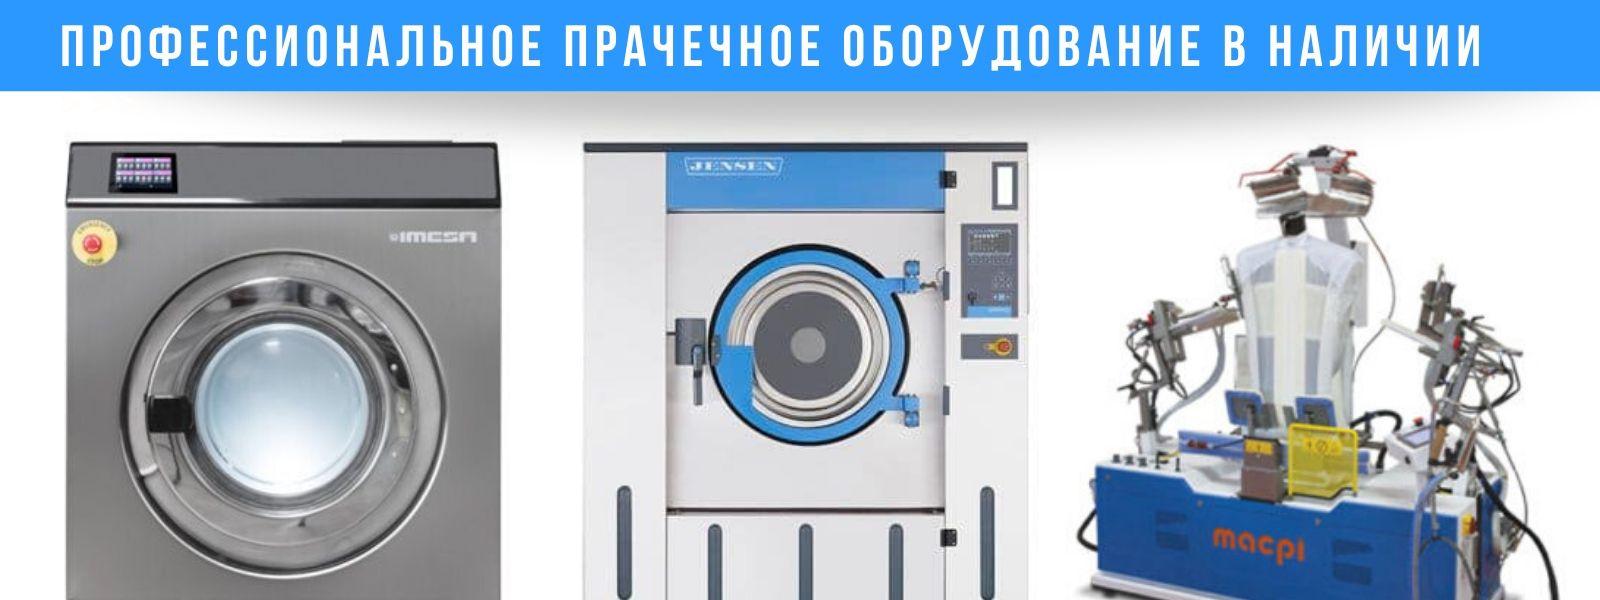 Профессиональное прачечное оборудование в наличии на складе PROFITEX